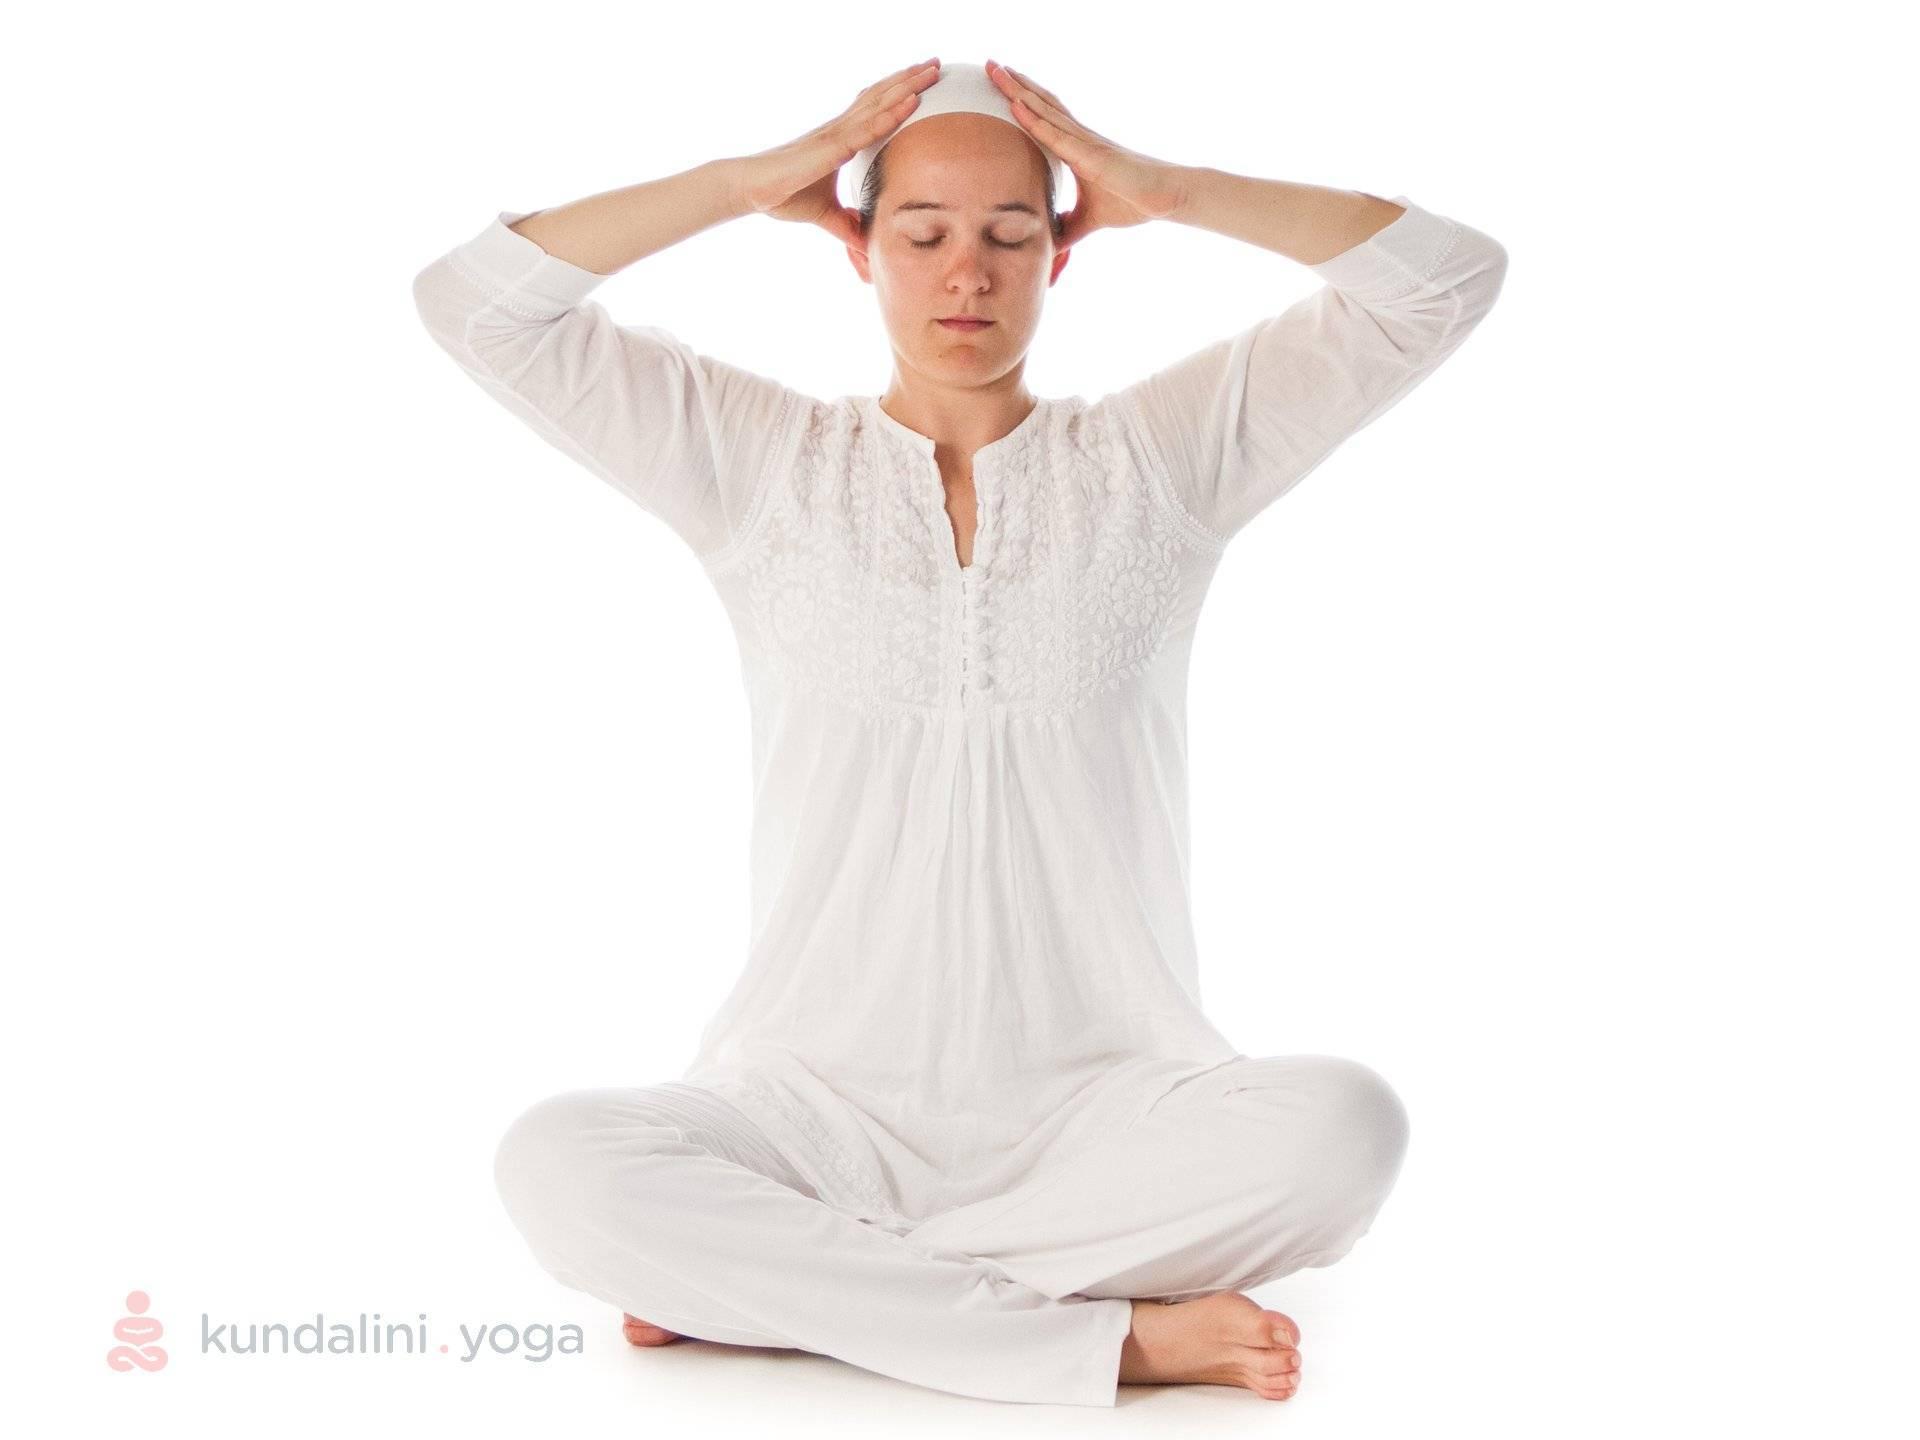 Кундалини-йога что это? — простыми словами для новичков